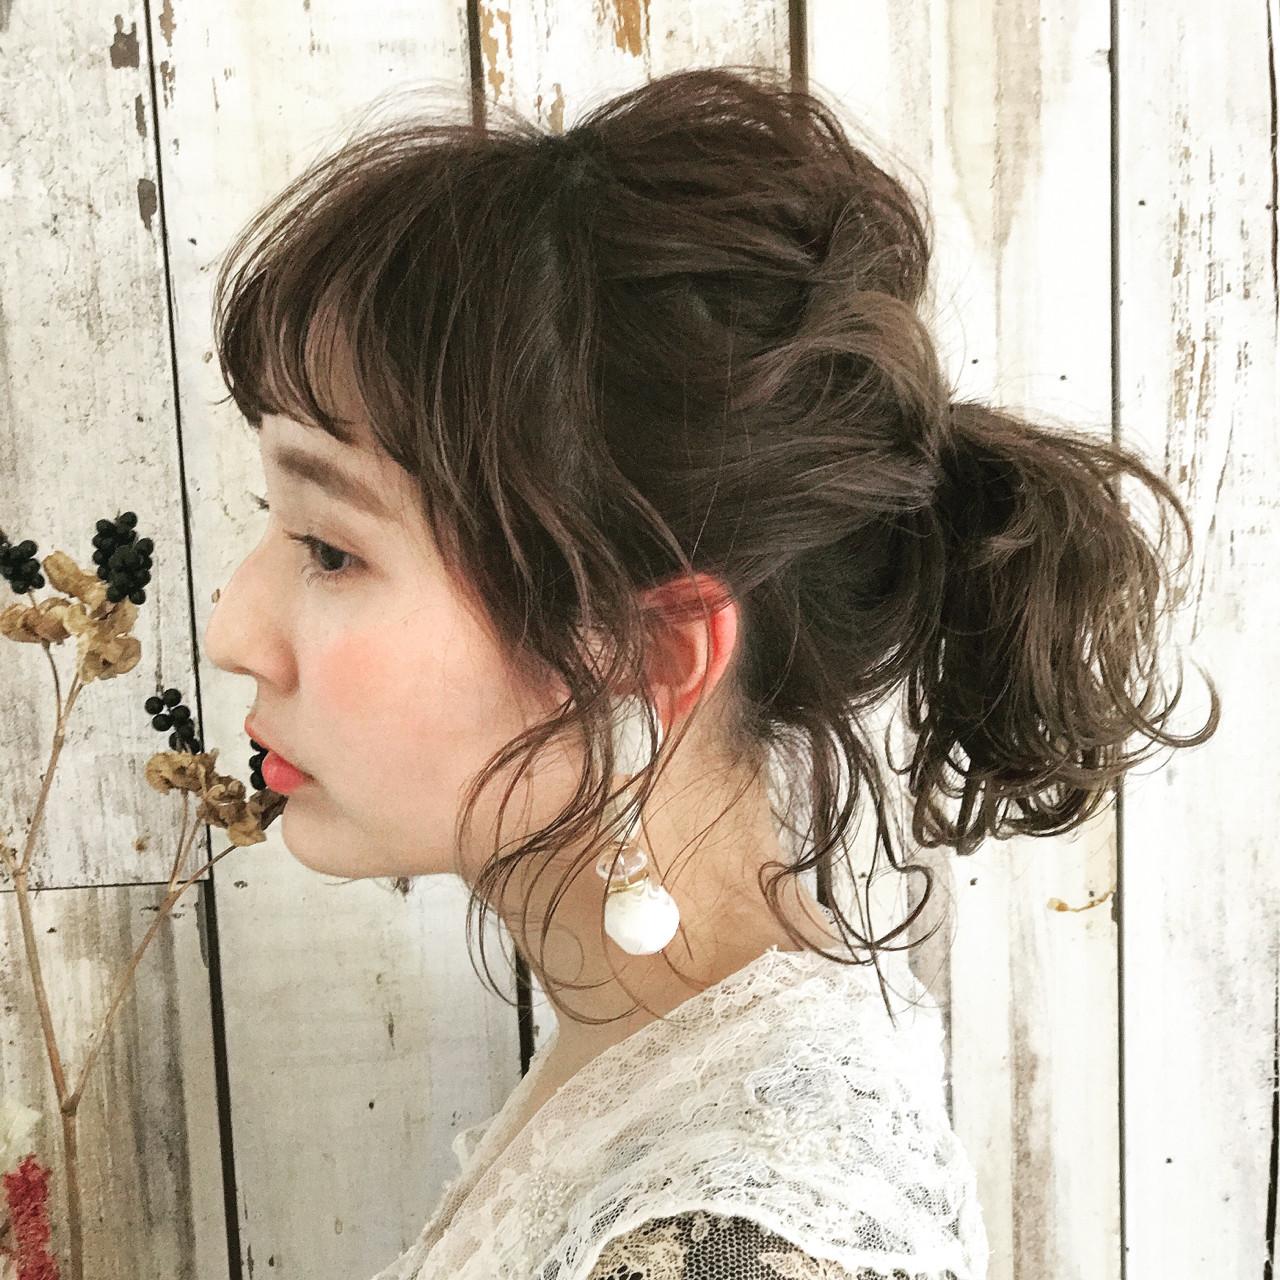 セミロング デート ヘアアレンジ スウィートヘアスタイルや髪型の写真・画像